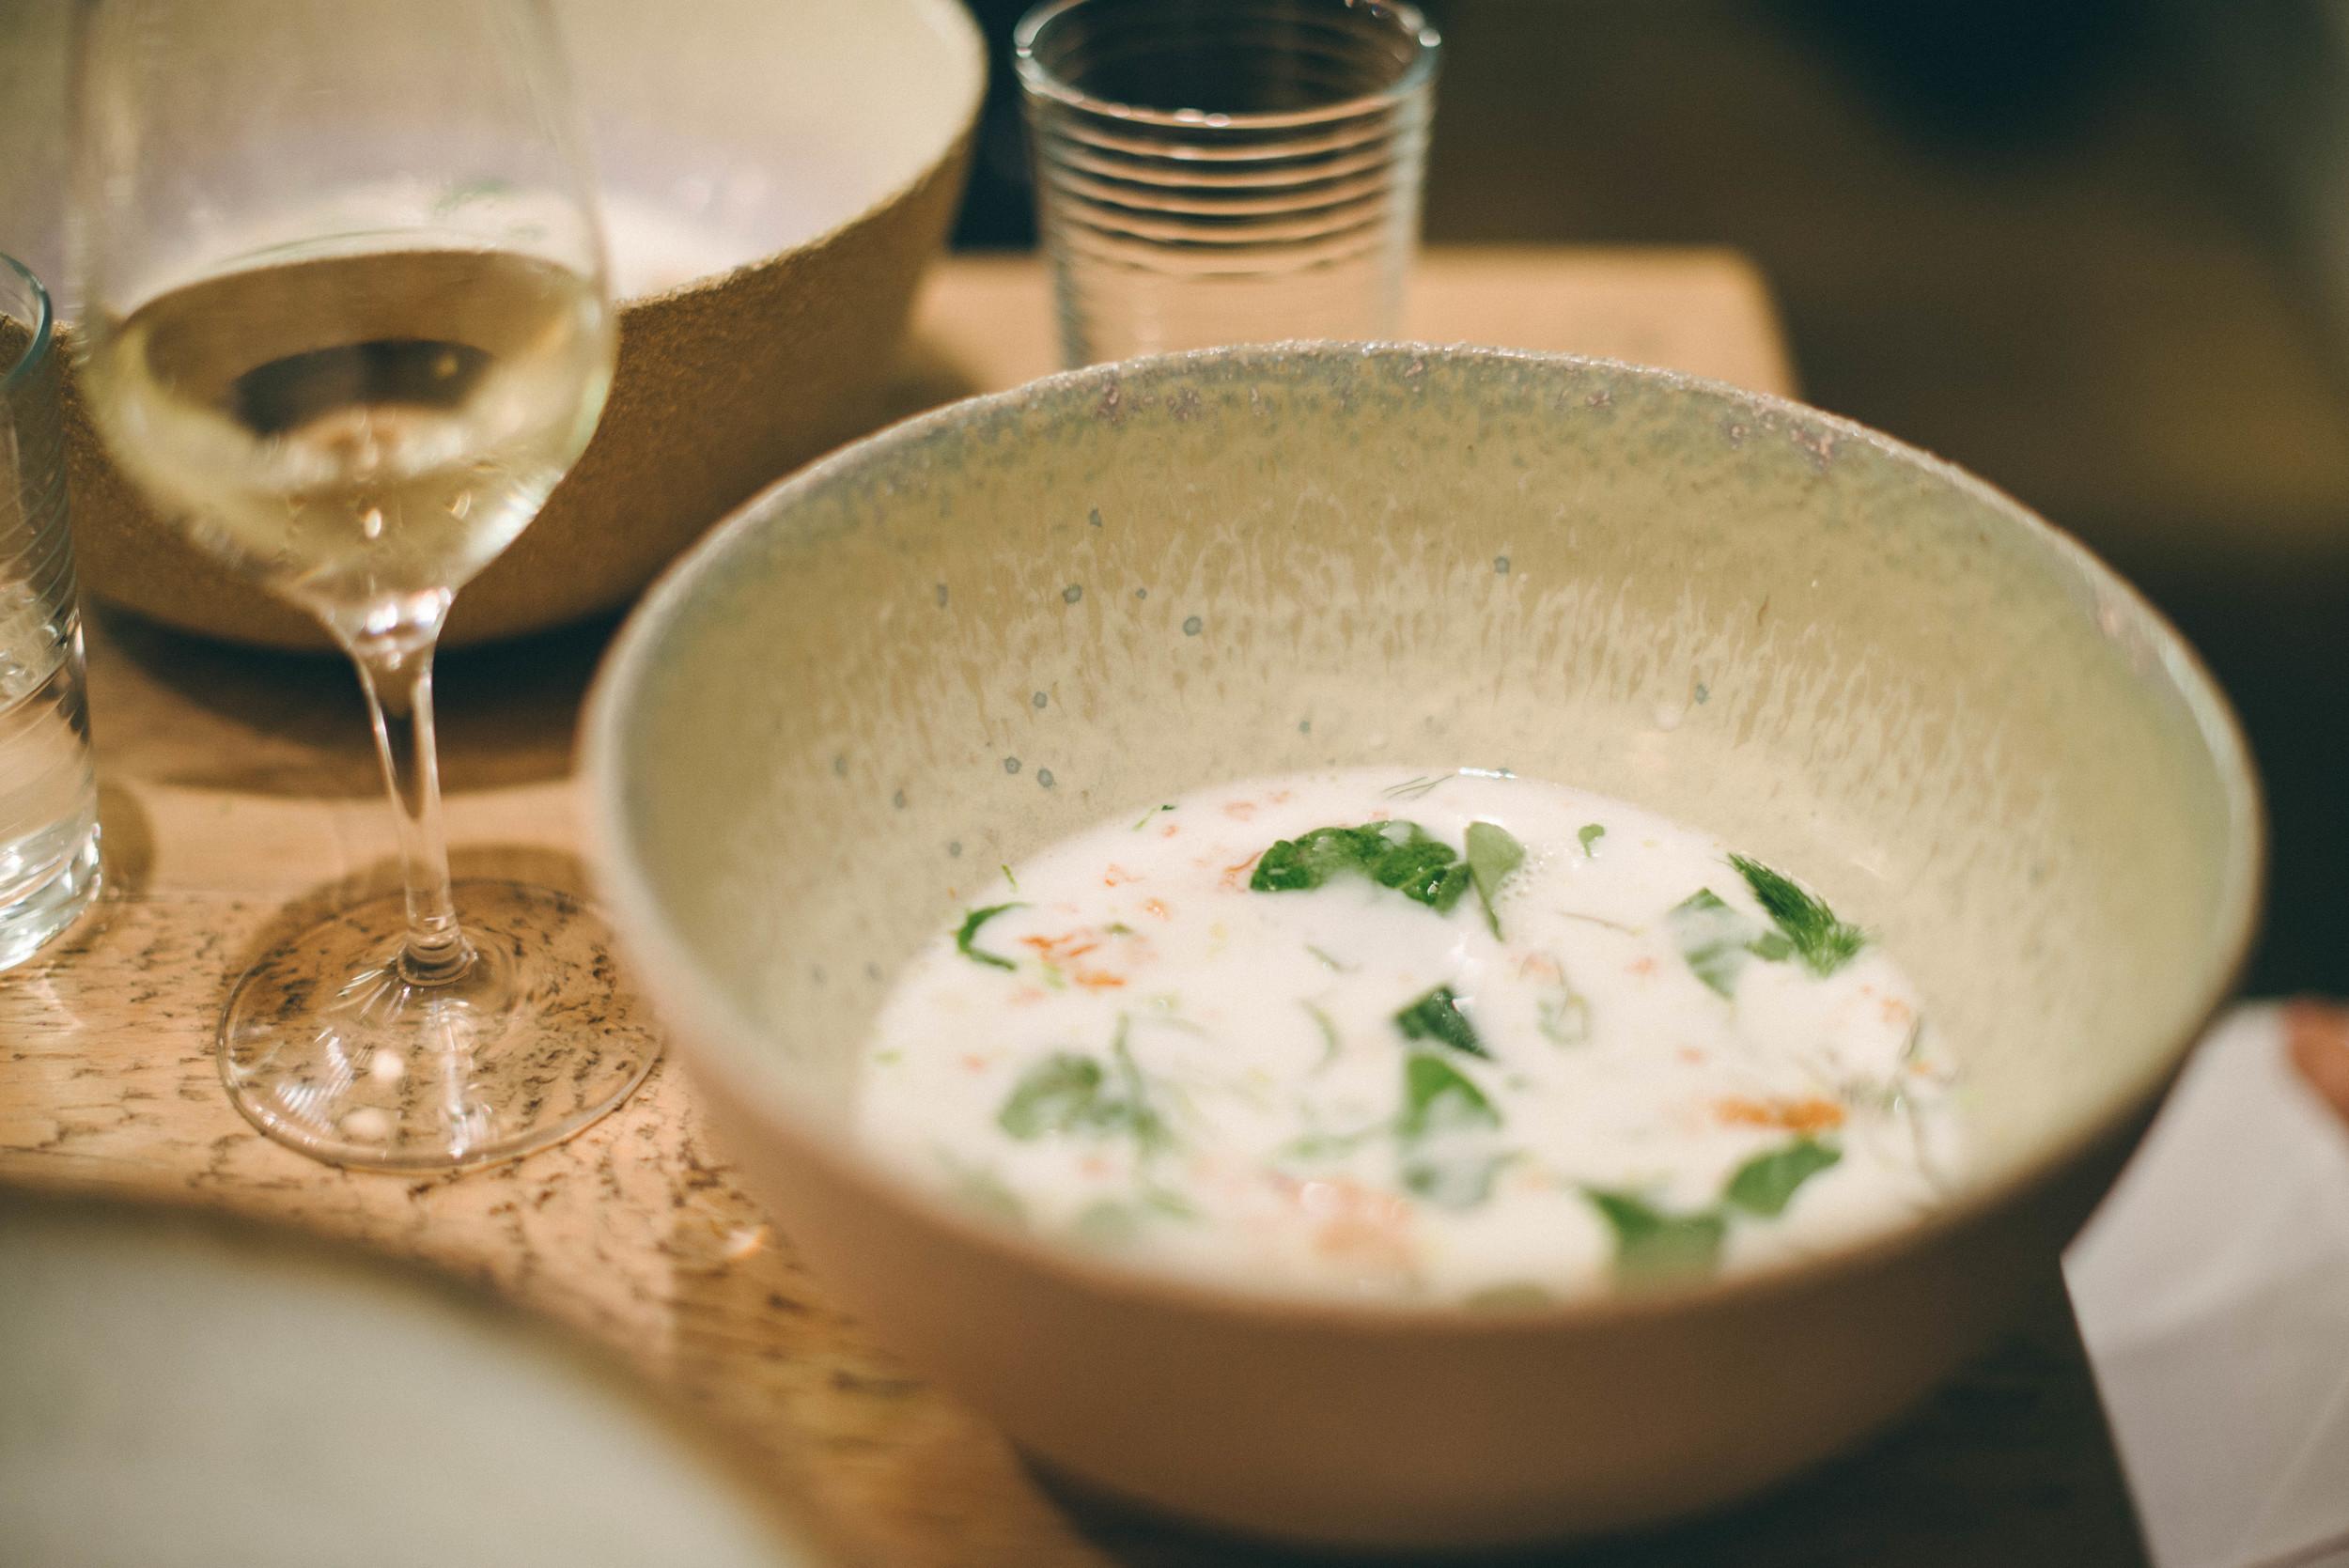 clover-restaurant-paris-soup